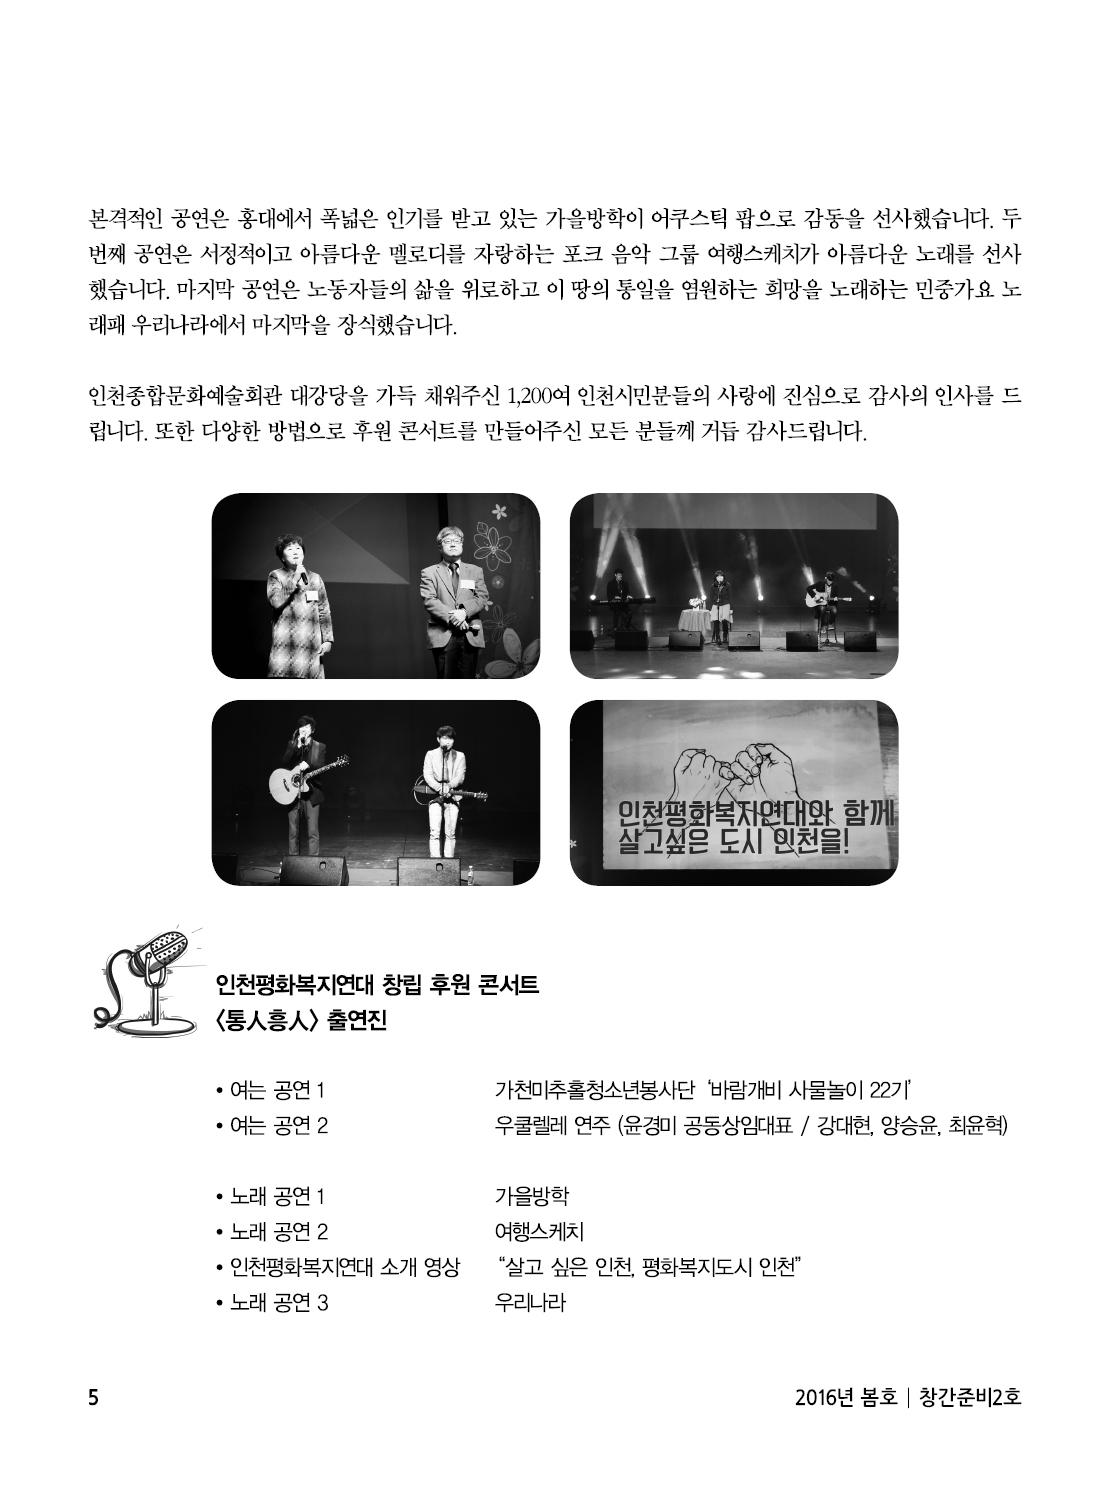 아웃라인 인천평화복지연대 창간준비2호5.jpg